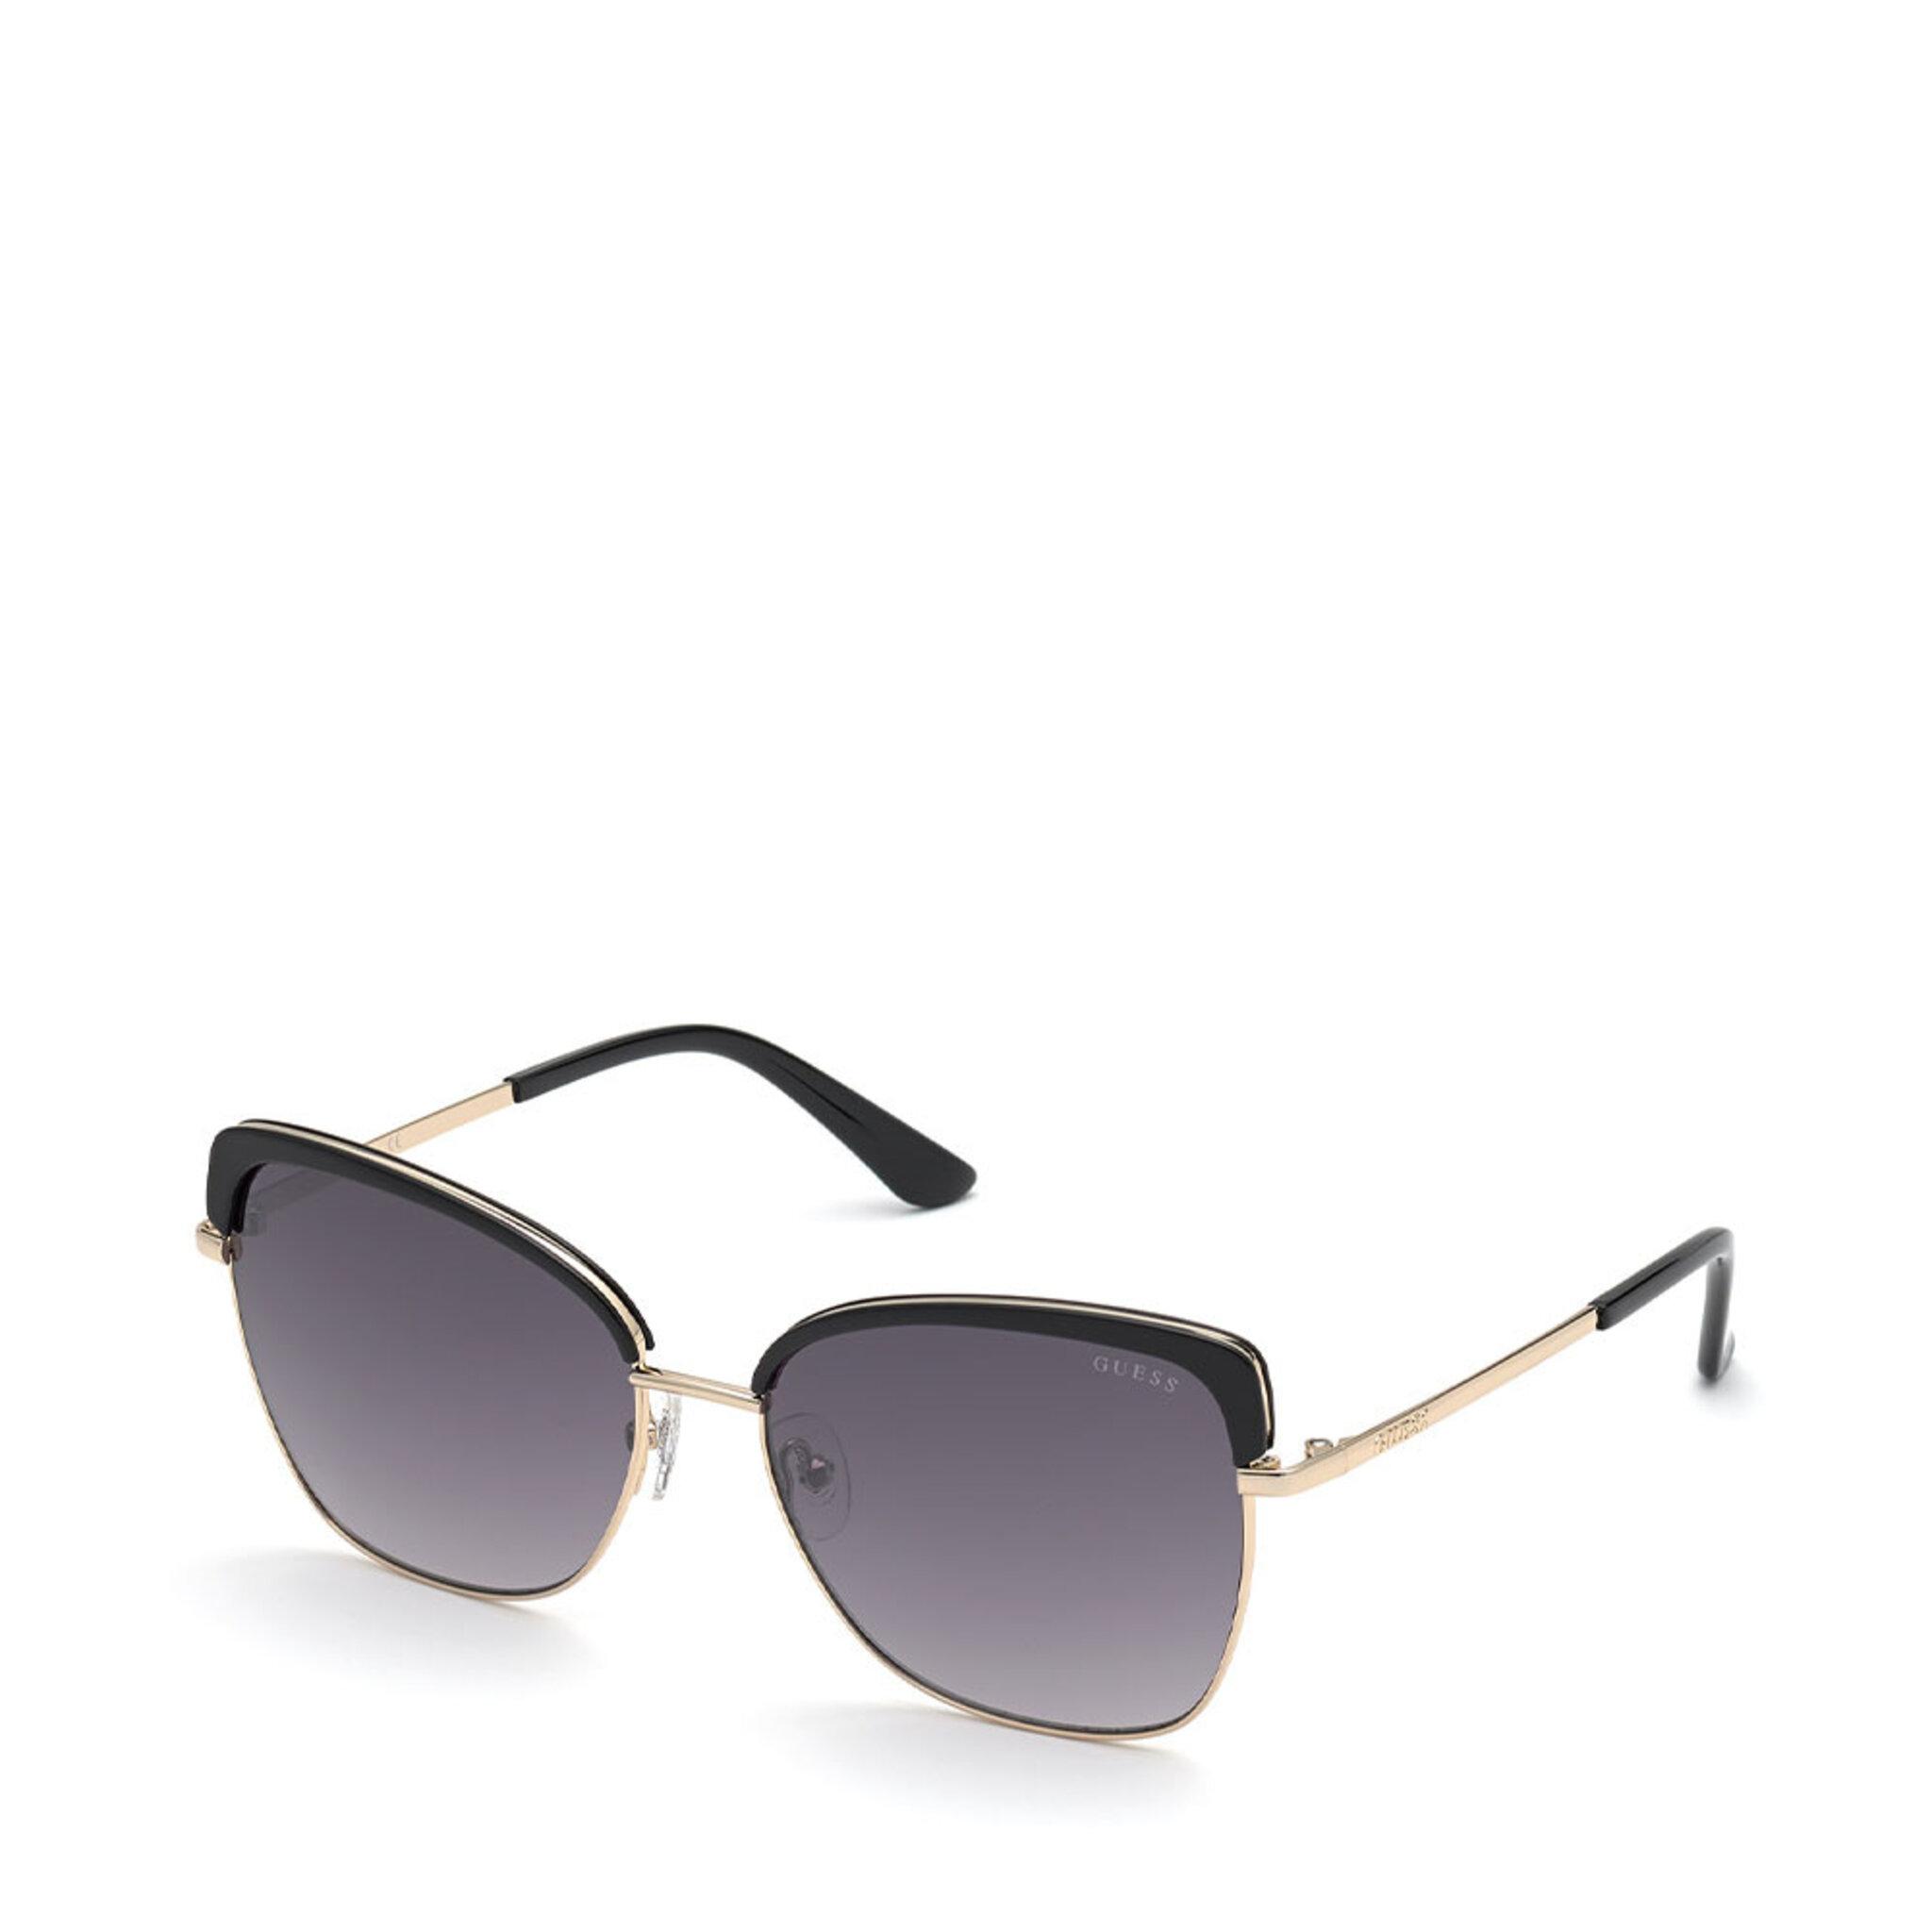 Sunglasses GU7738